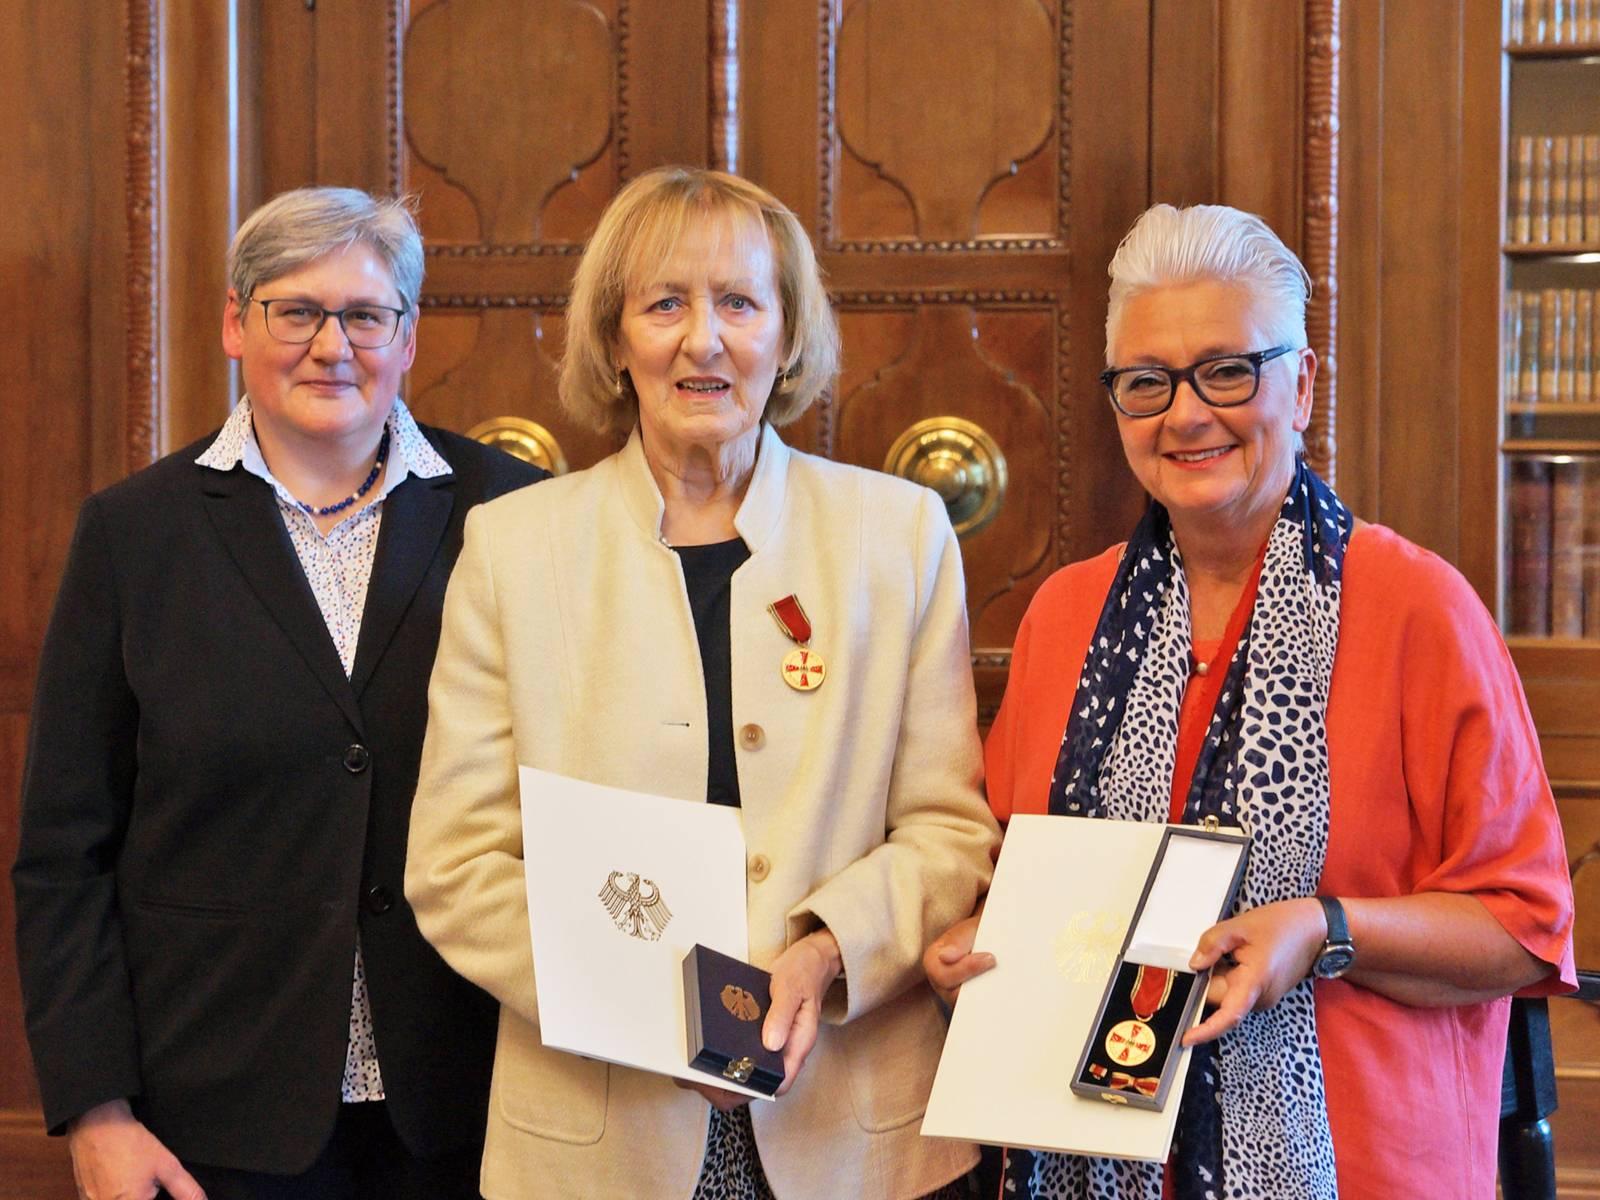 Drei Frauen in einer Amtsstube.